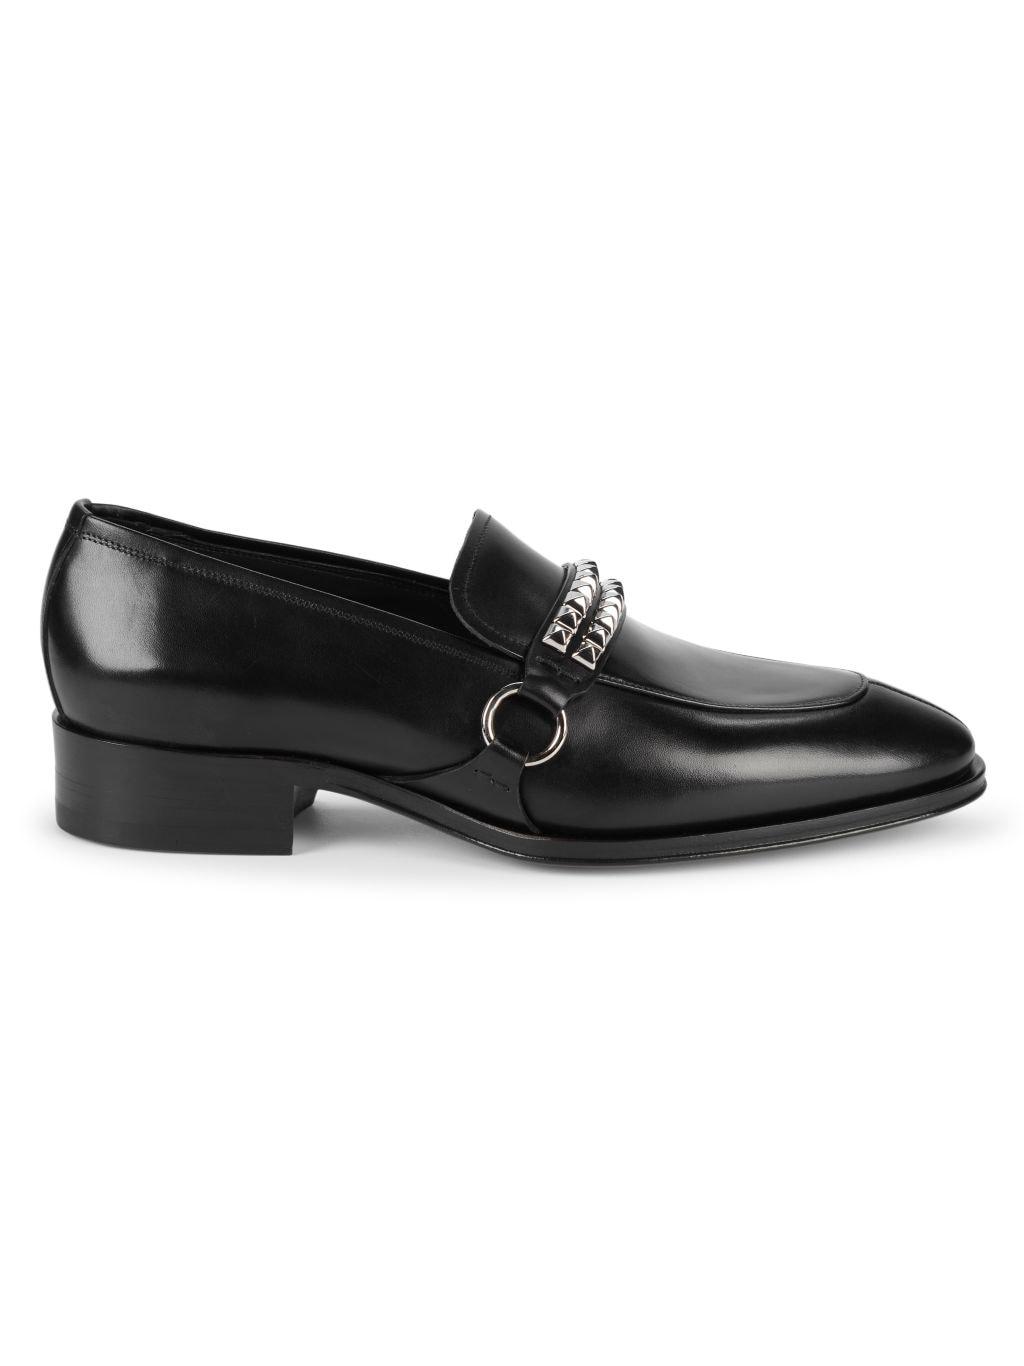 Giuseppe Zanotti Studded Leather Loafers